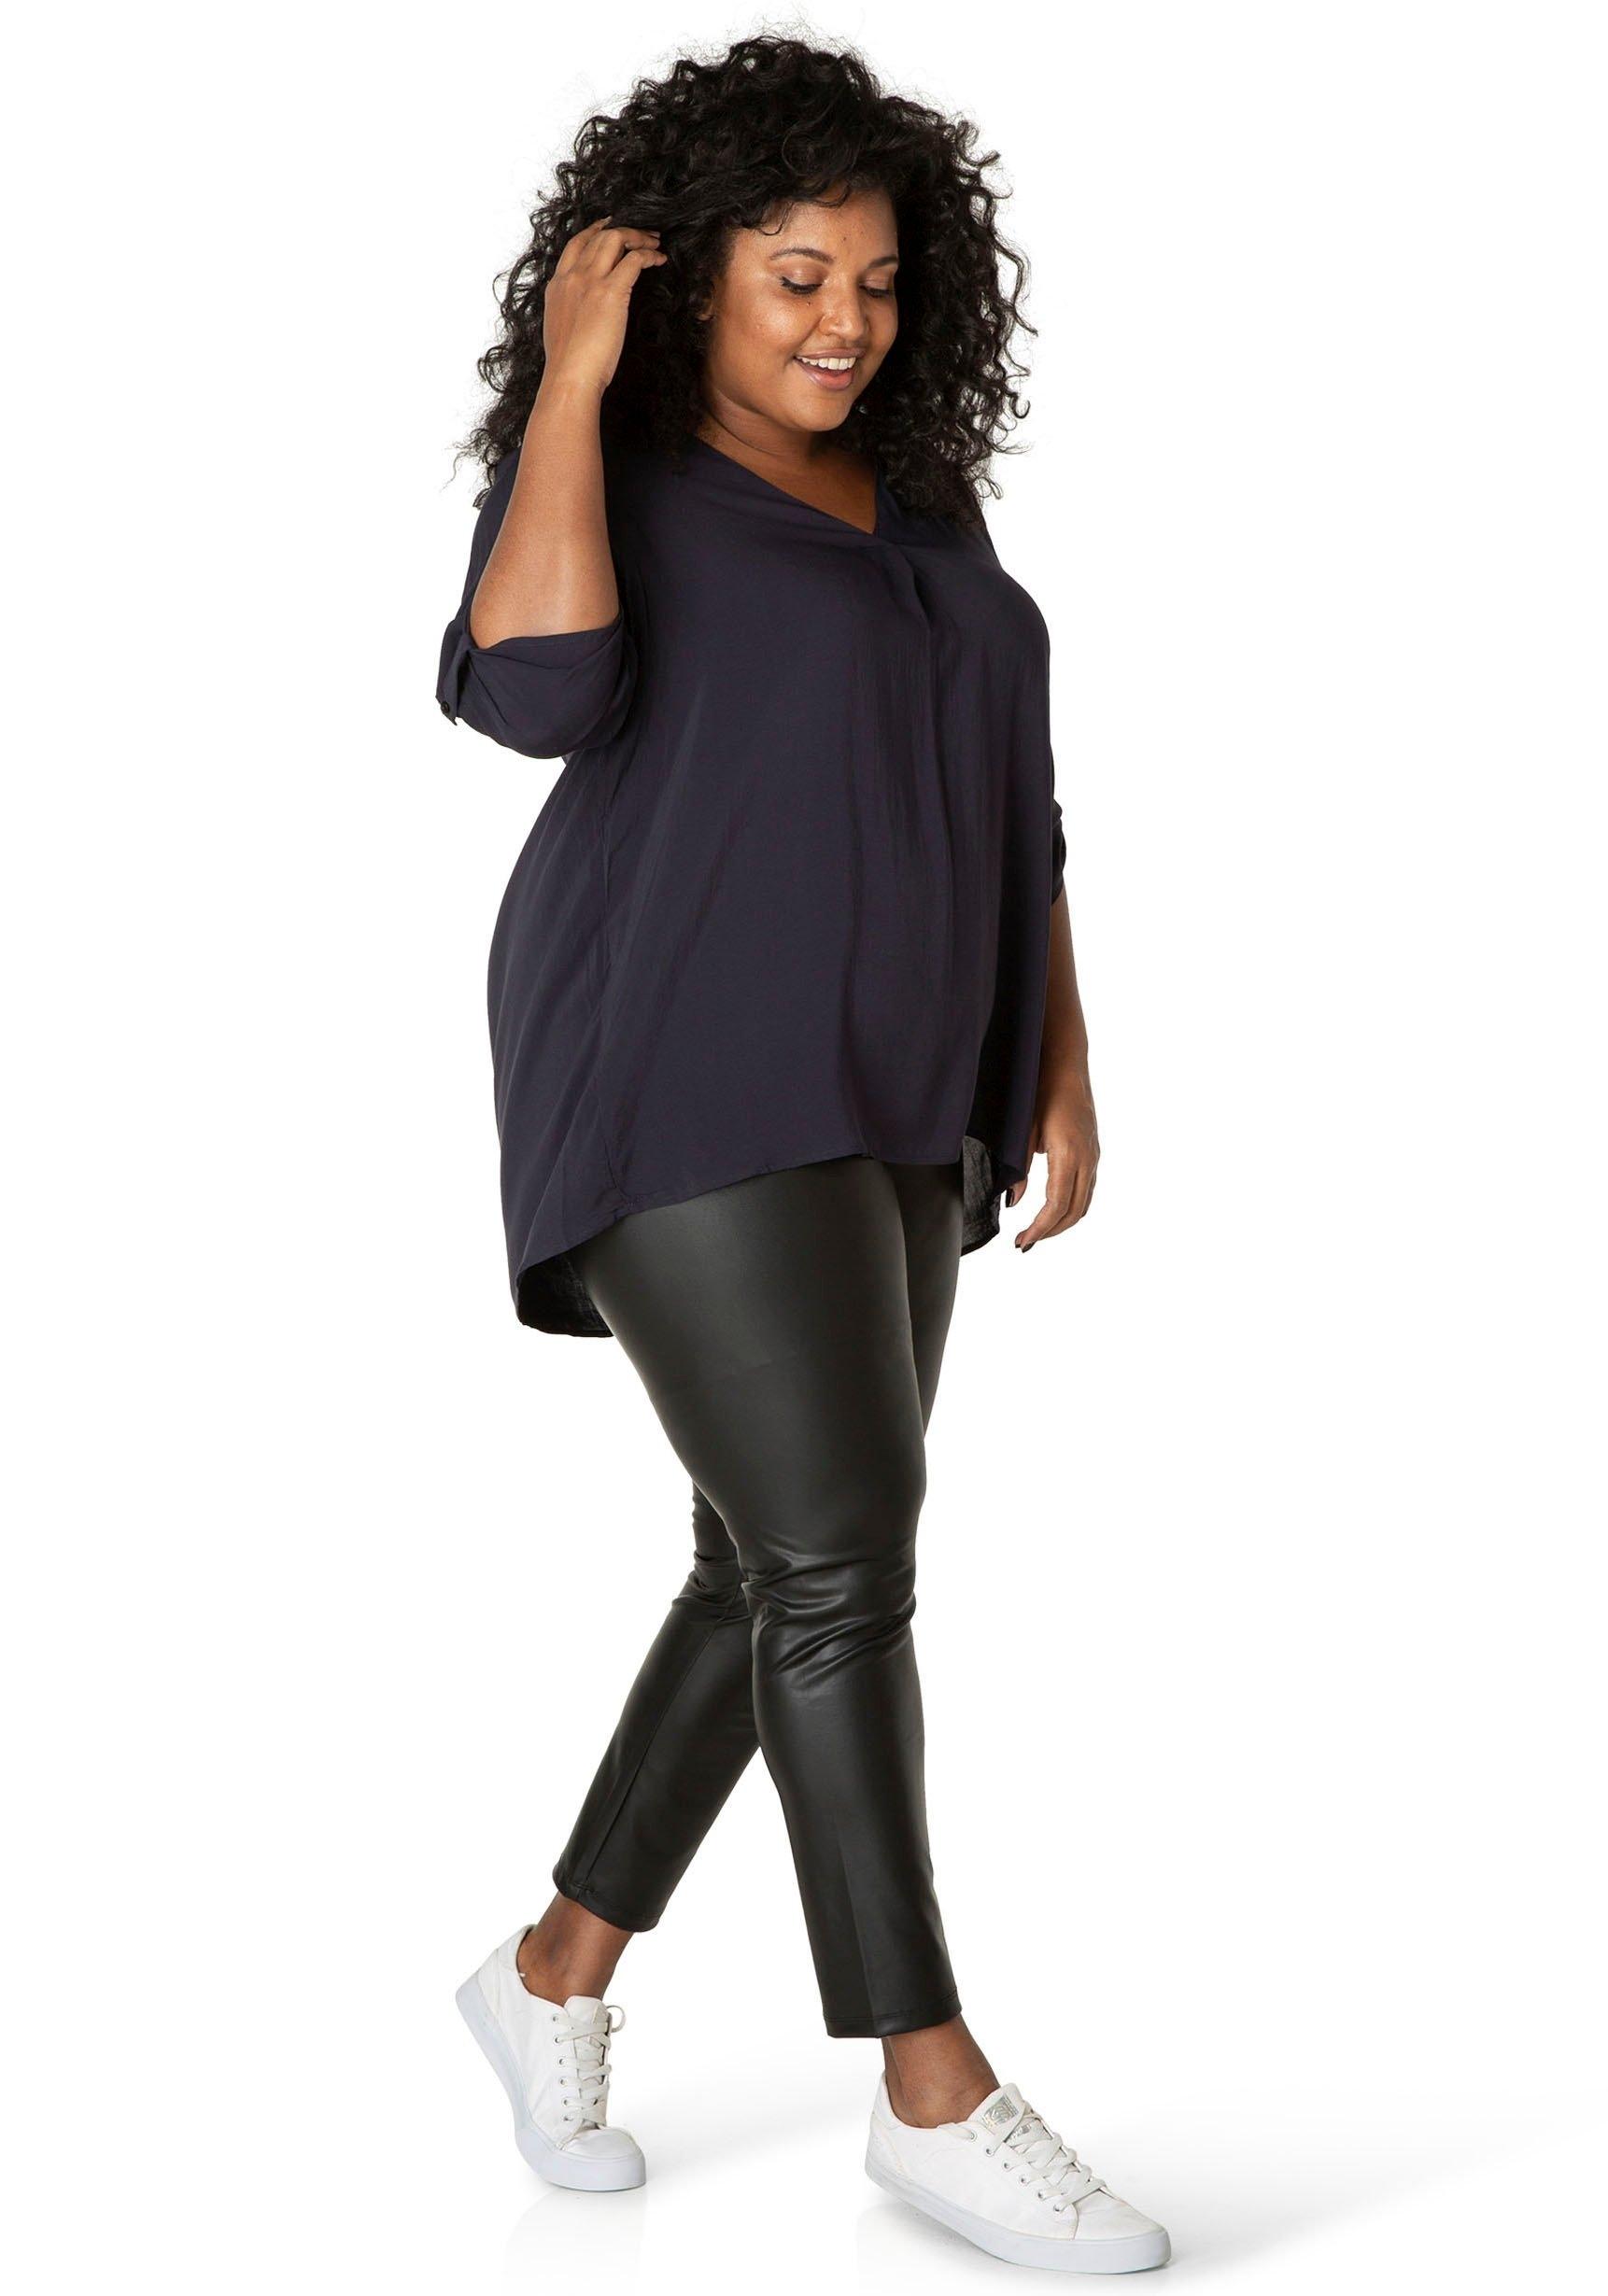 BSIC by Yesta blouse met kraagstrik »Airene« bestellen: 30 dagen bedenktijd